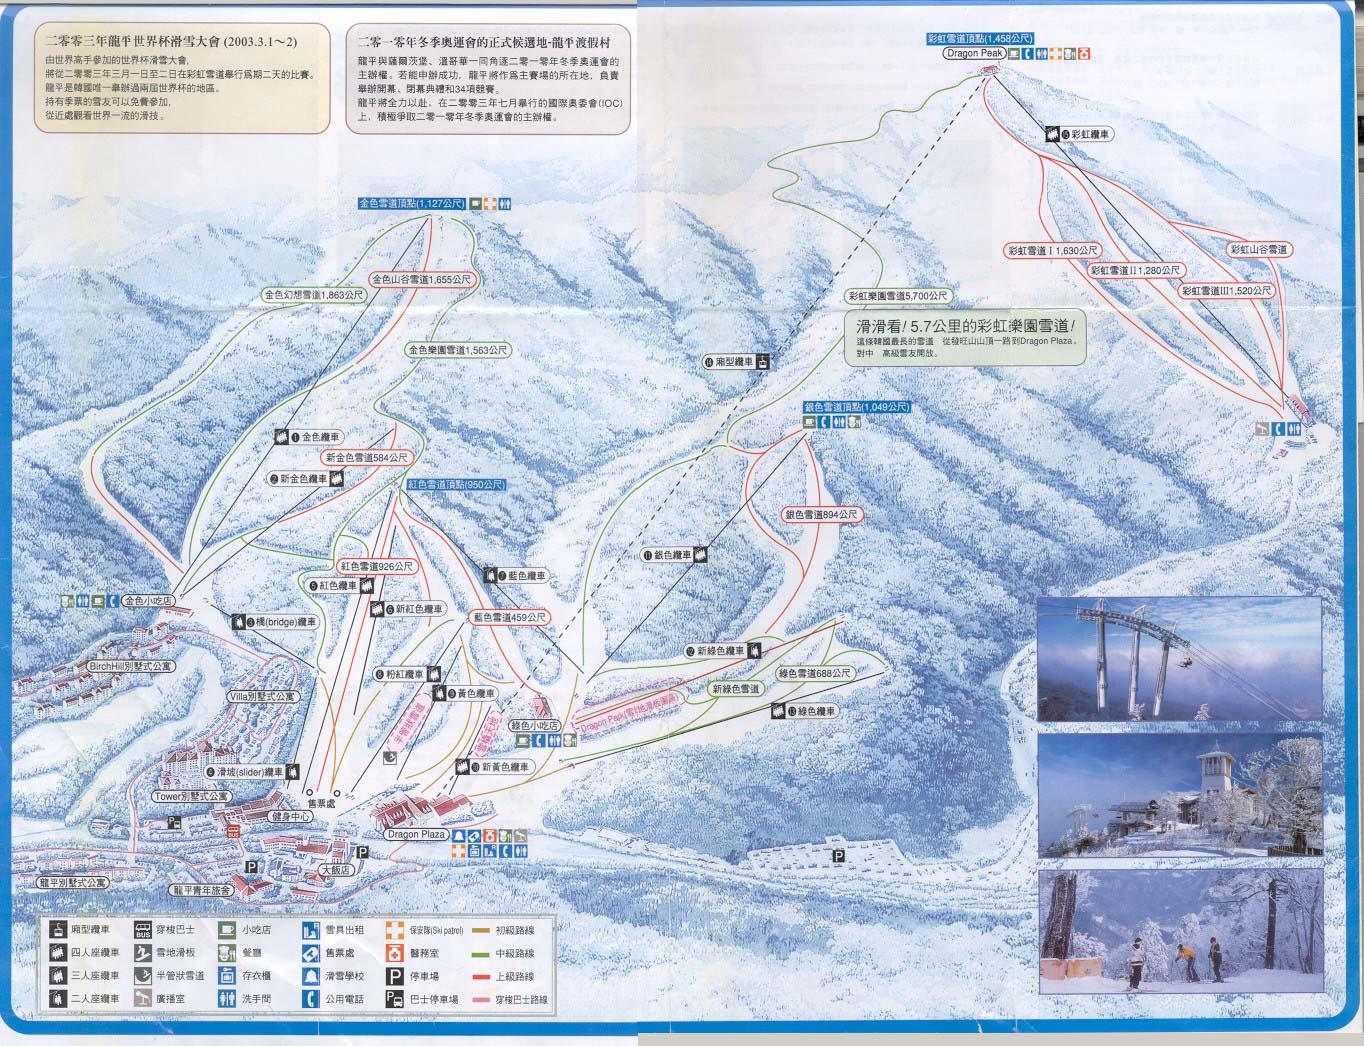 yongpyeong-map-2